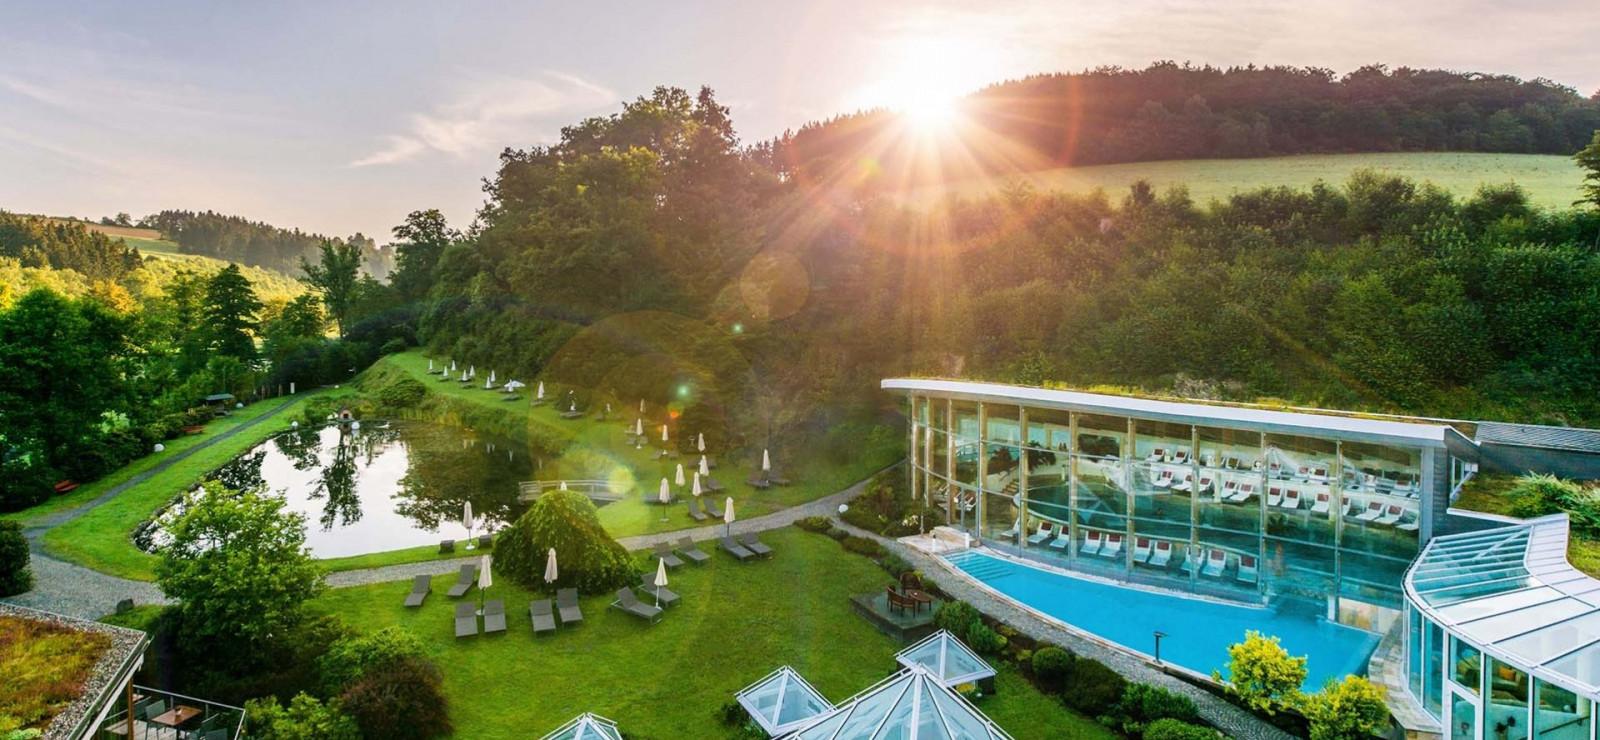 Romantik- & Wellnesshotel Deimann Bilder | Bild 1